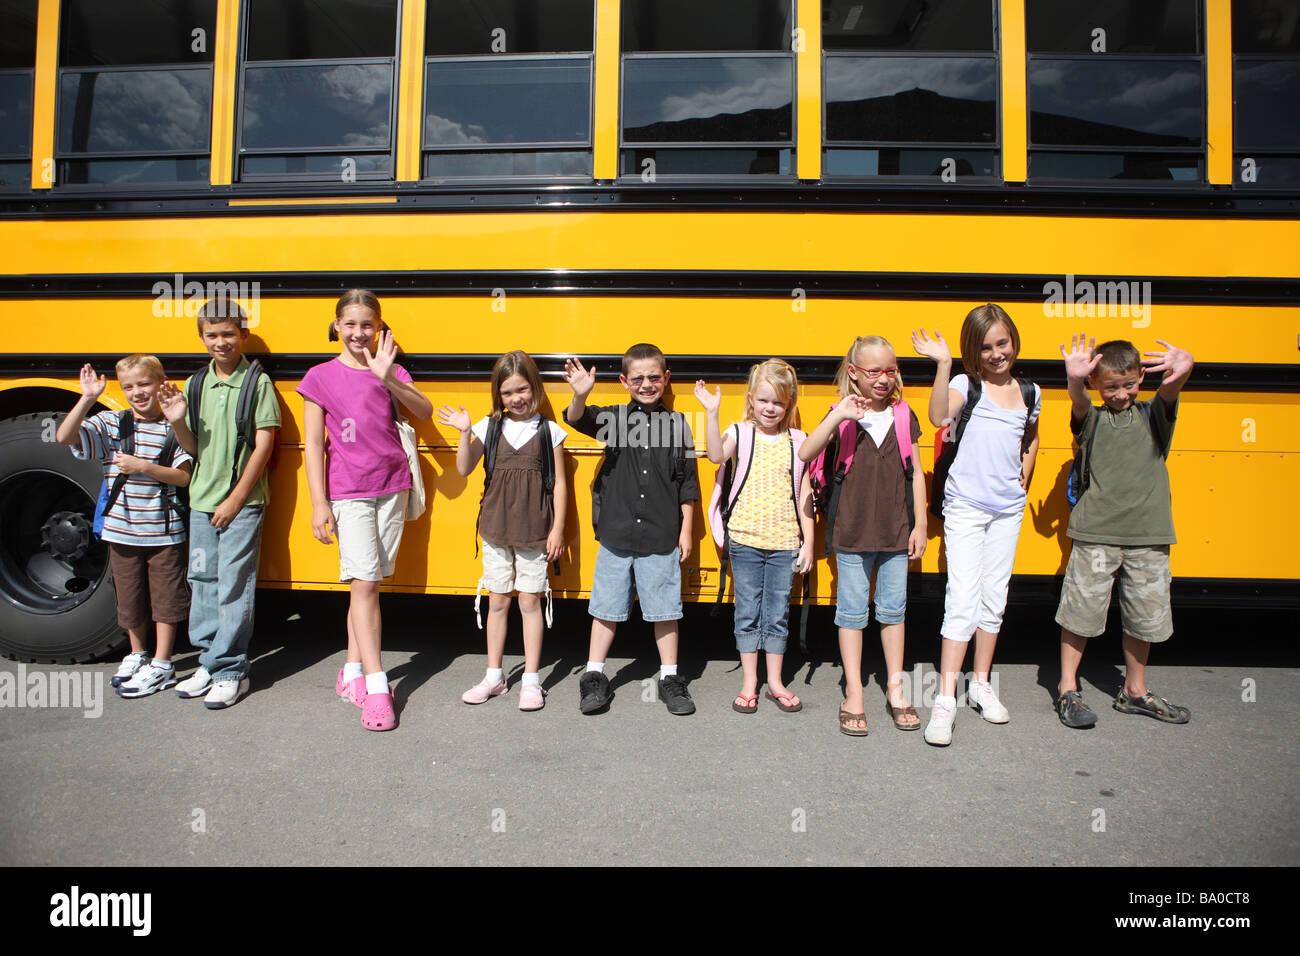 Groupe d'enfants de l'école en face de school bus Photo Stock